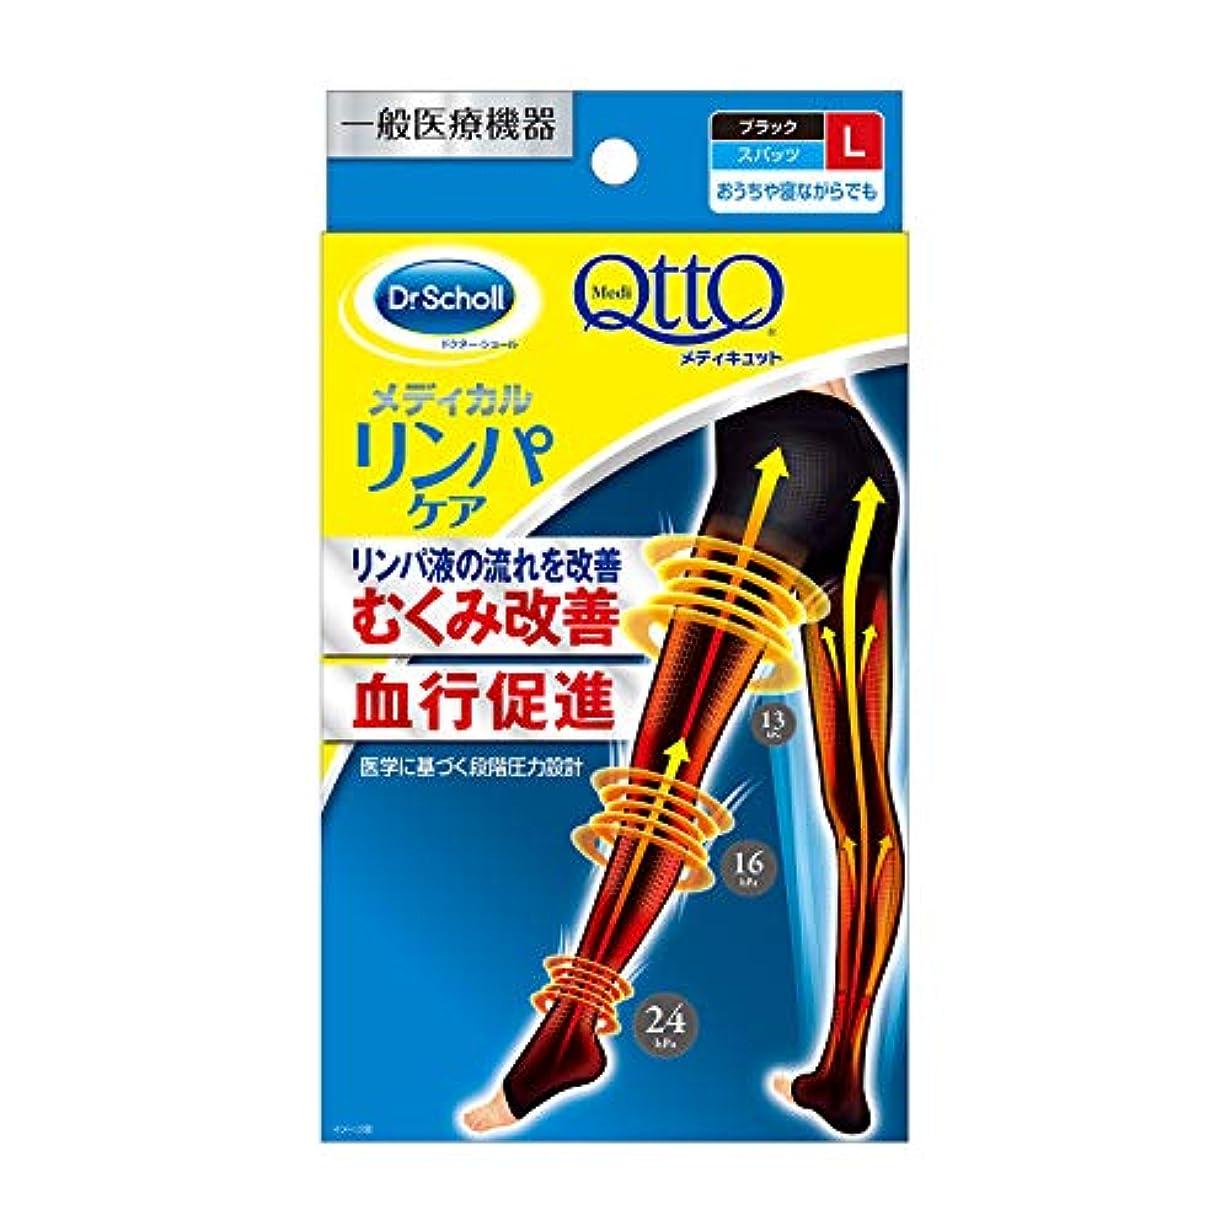 避ける以上平均一般医療機器 おうちでメディキュット リンパケア スパッツ L 着圧 加圧 血行改善 むくみケア 弾性 靴下